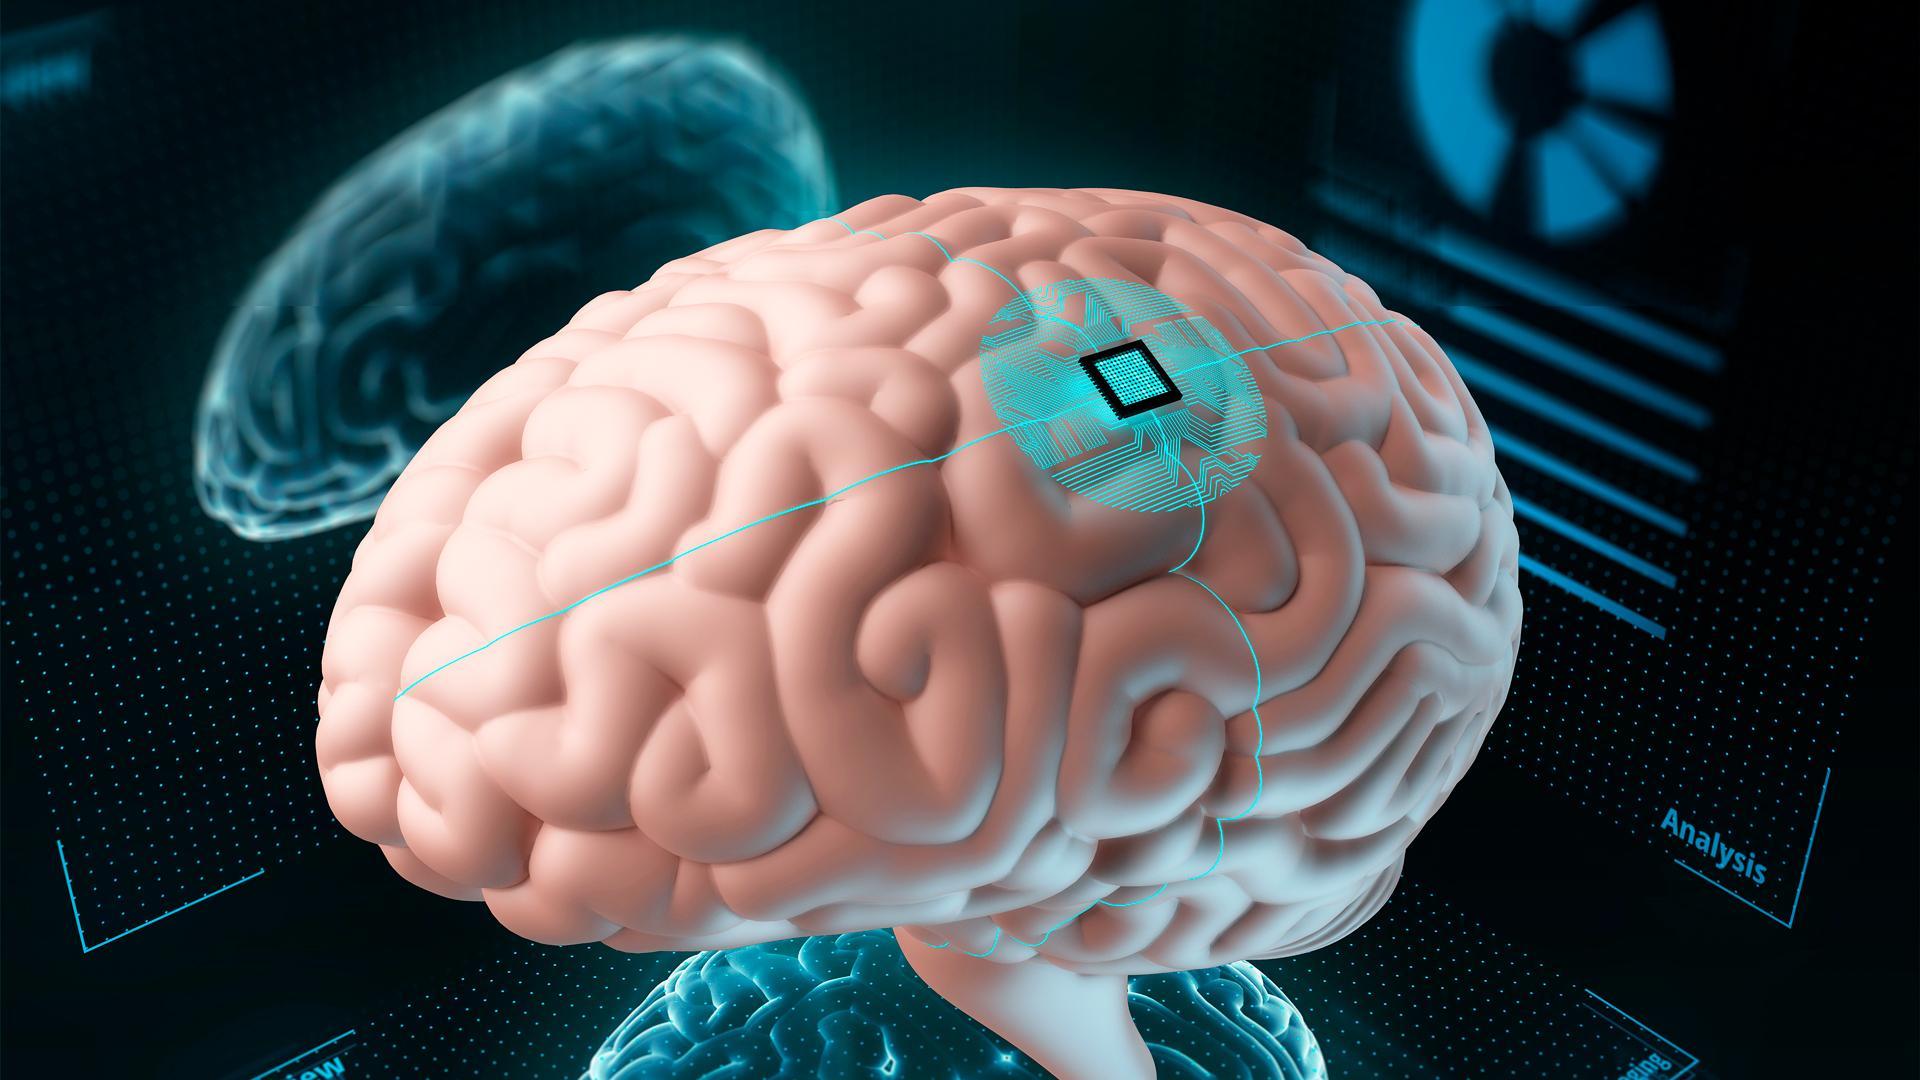 Илон Макс будет устанавливать чипы в мозг человека, и он не первый. История чипирования населения